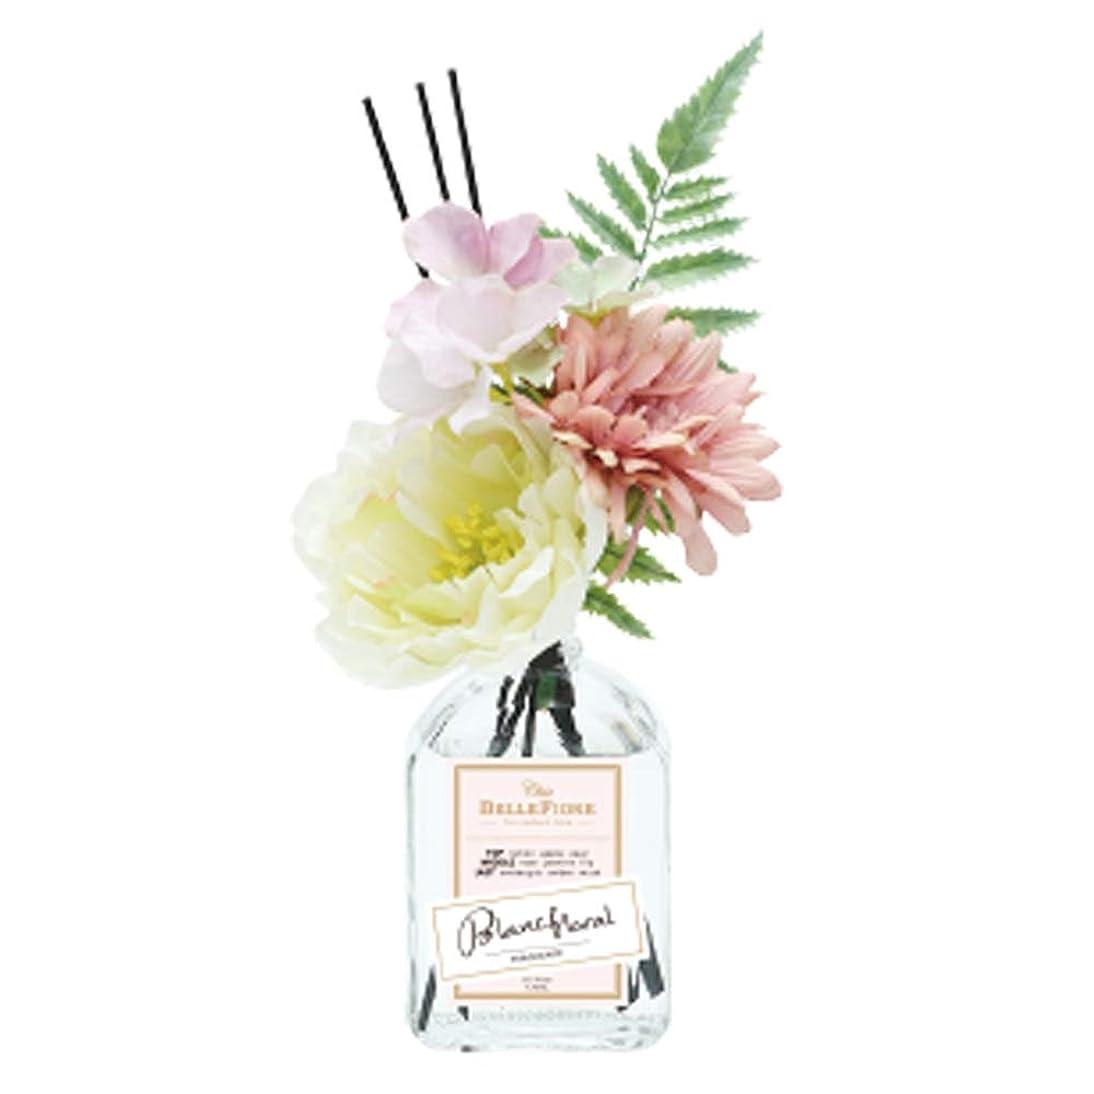 ノルコーポレーション リードディフューザー ベルフィオーレシック 170ml フルーティーフローラルの香り OA-BLE-4-1